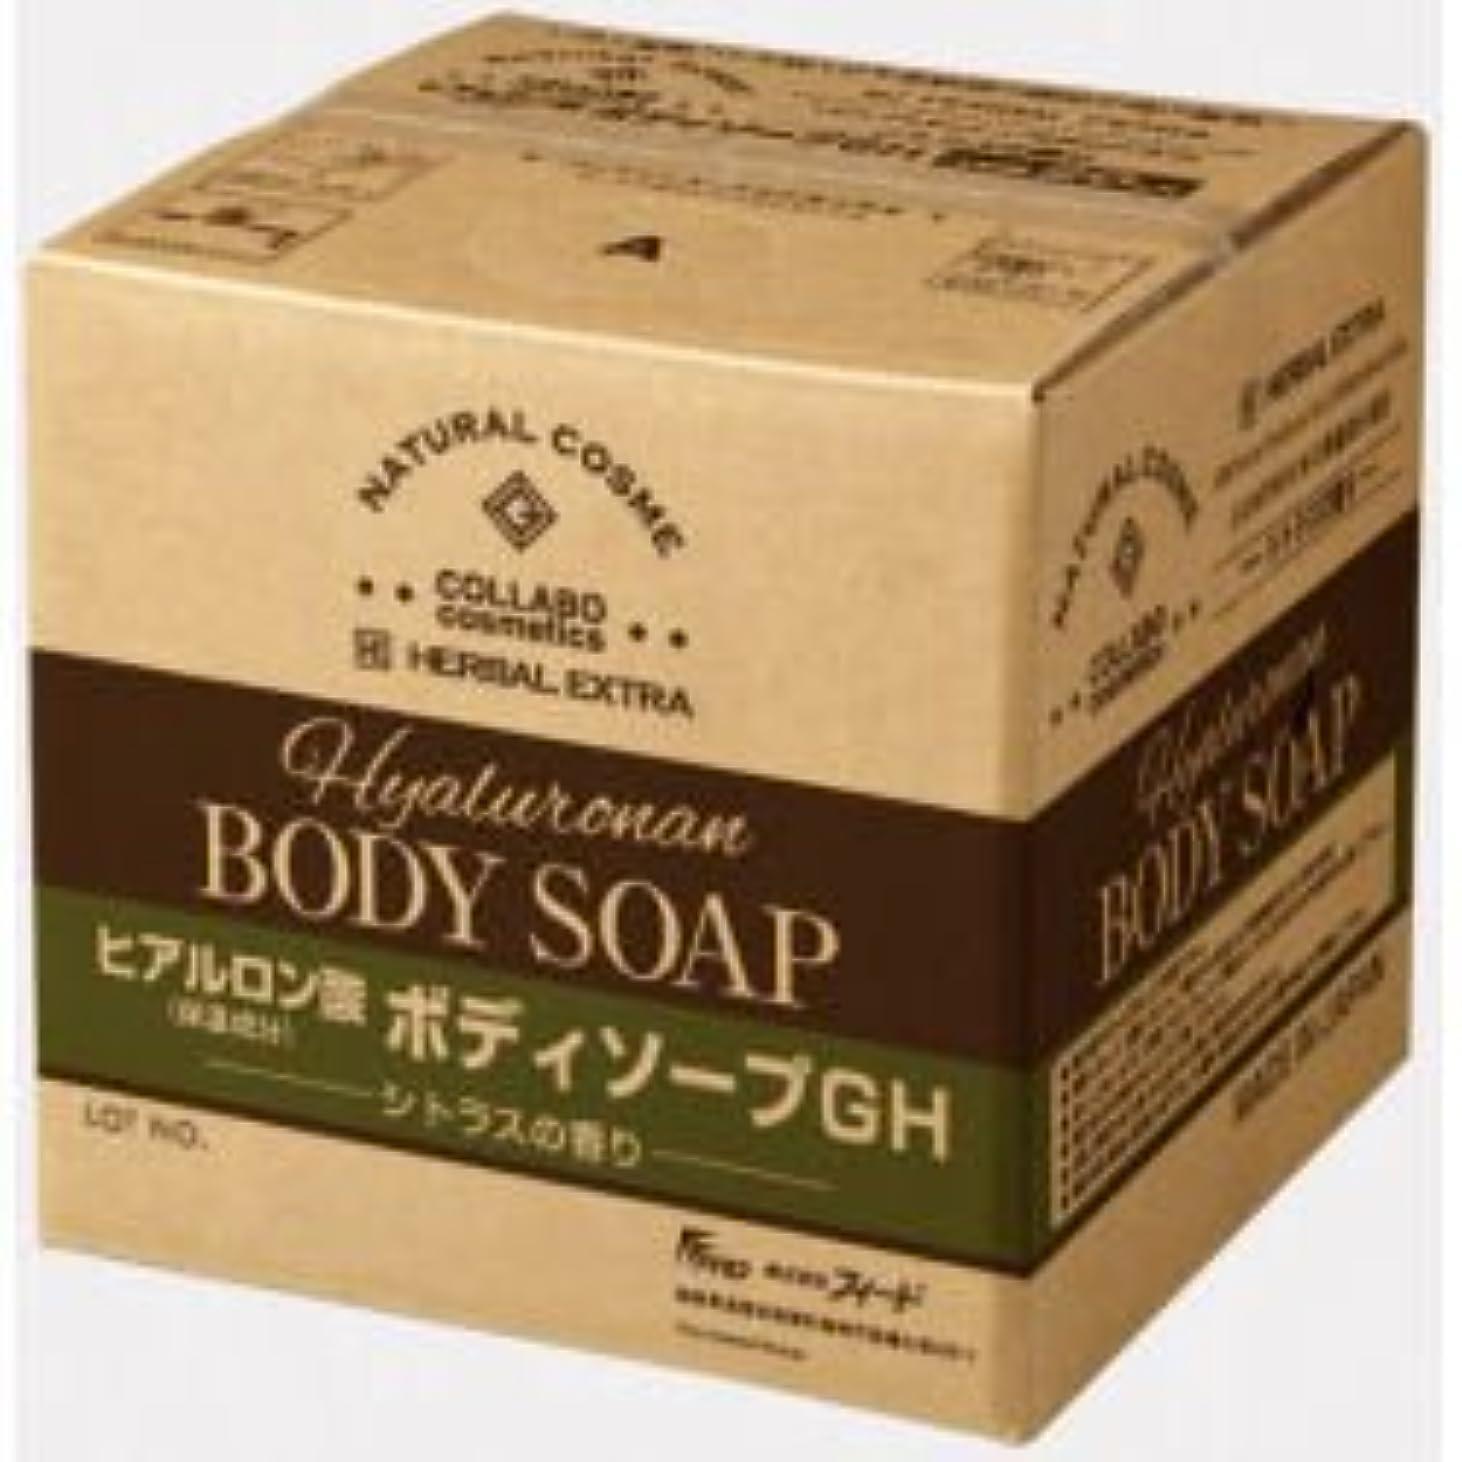 大腿応じる平方ゼミド×ハーバルエクストラ ヒアルロン酸ボディソープGH シトラスの香り 20kg